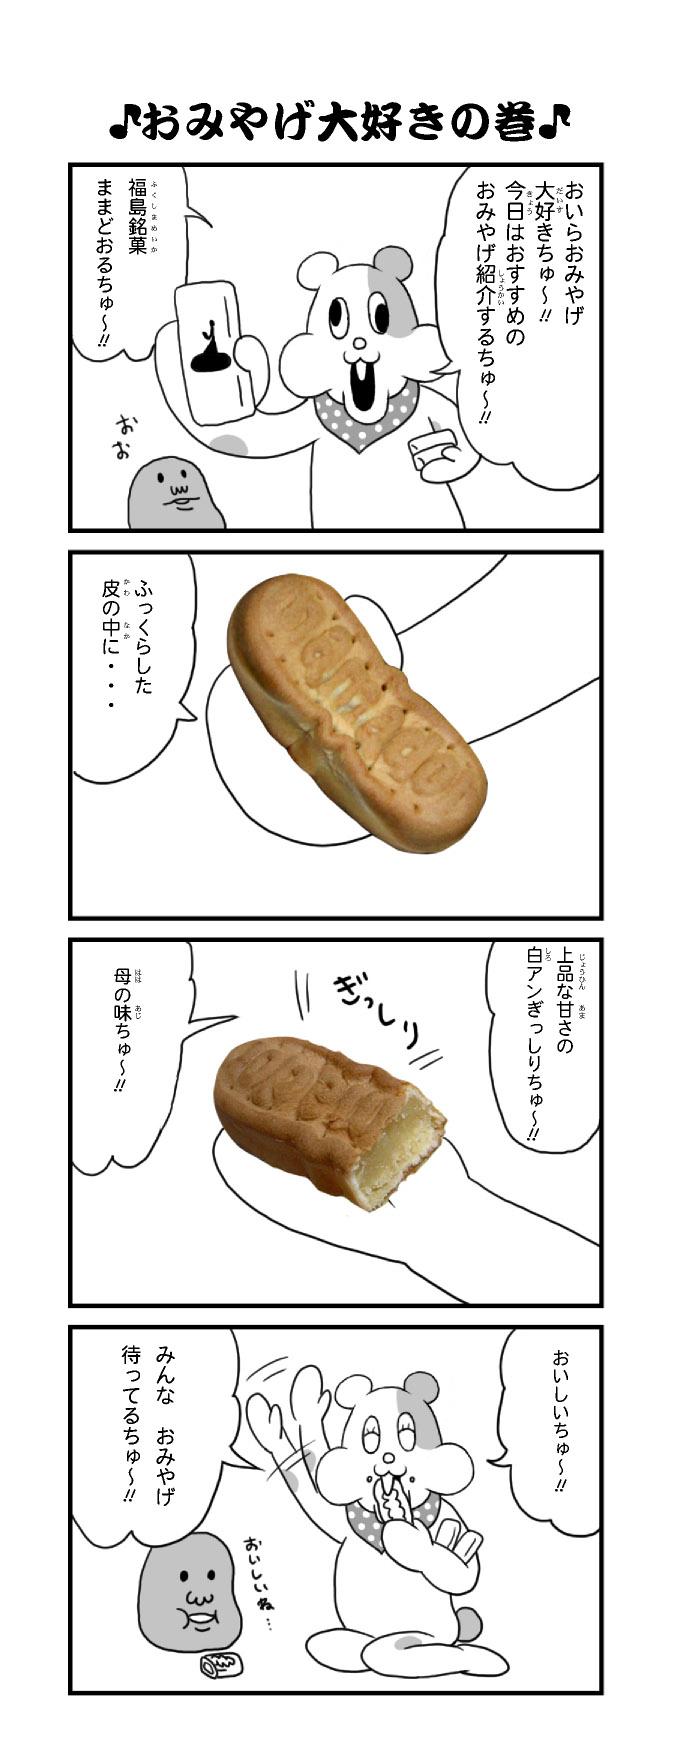 d0100460_20132.jpg